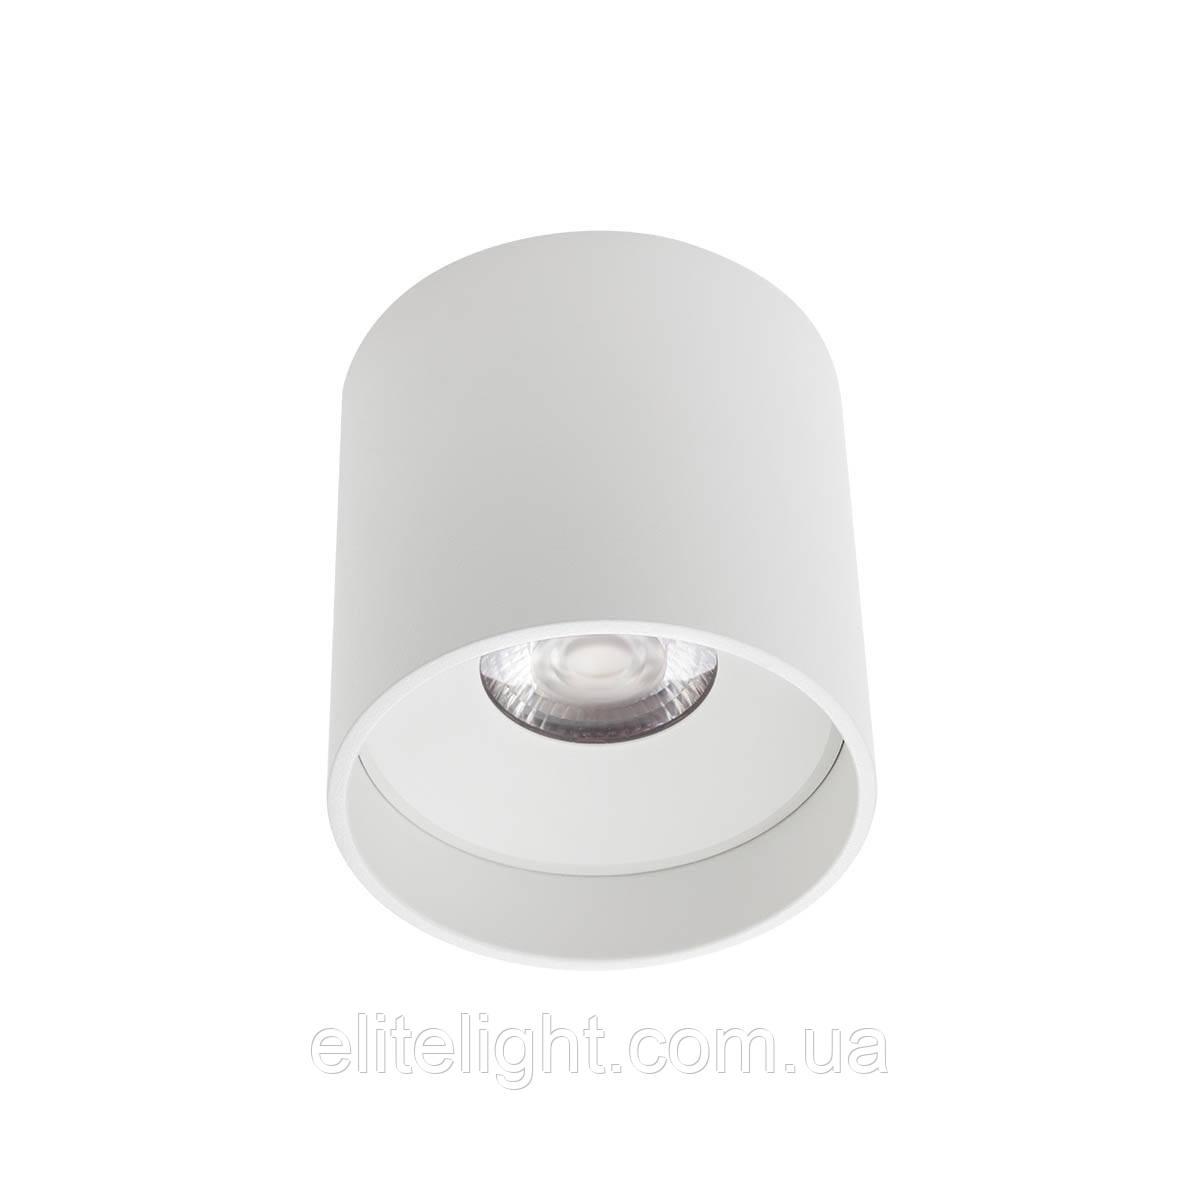 Точечный светильник Arelux XCORE ROUND PLAF.